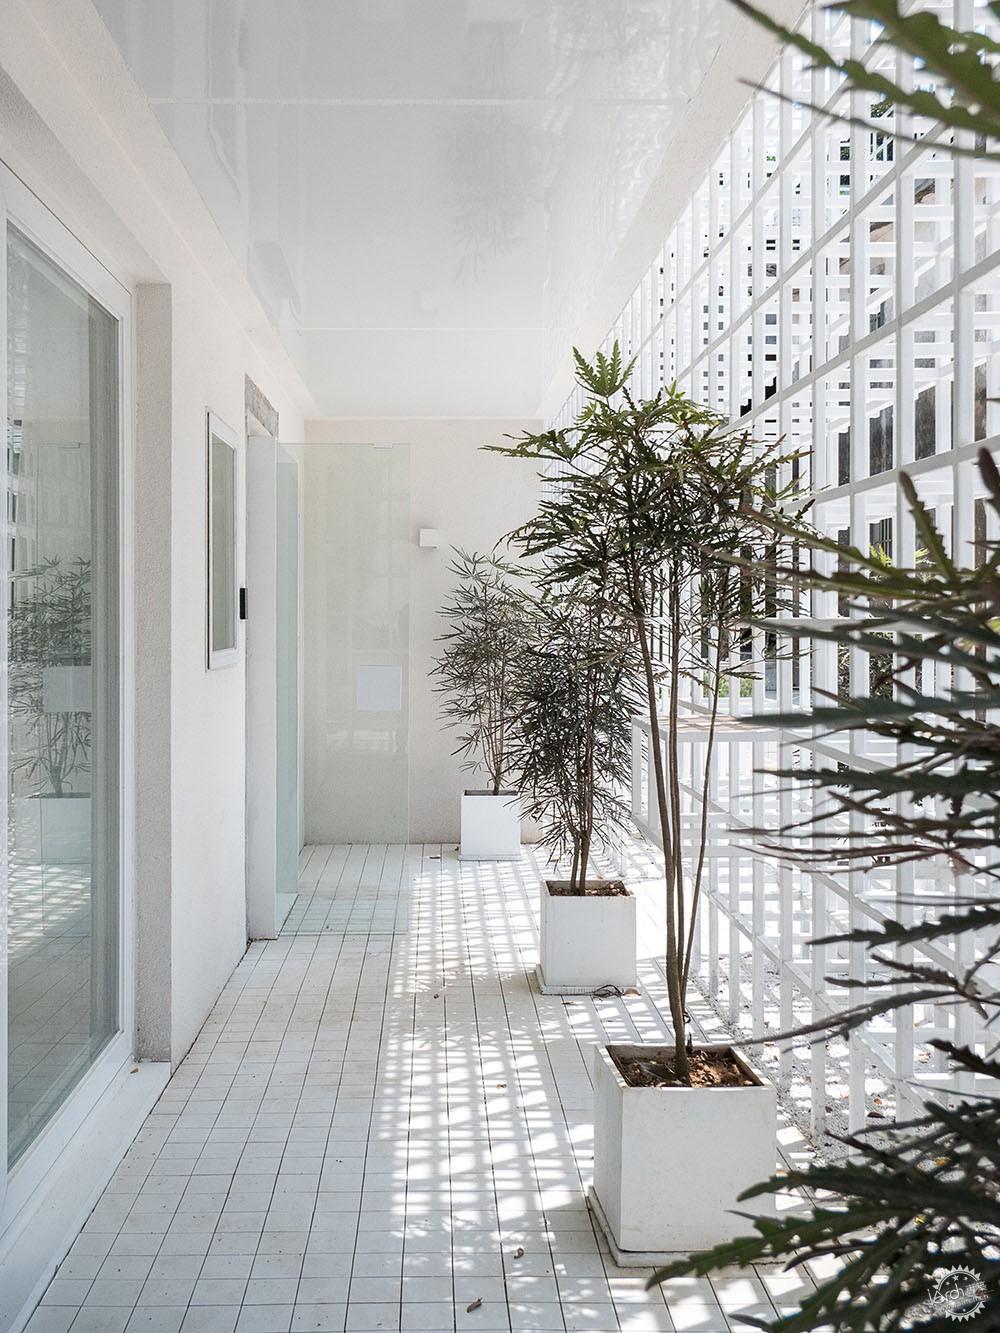 住在白色格栅里的建筑,有种浓郁的文艺气息|深圳艺栈建筑改造第7张图片